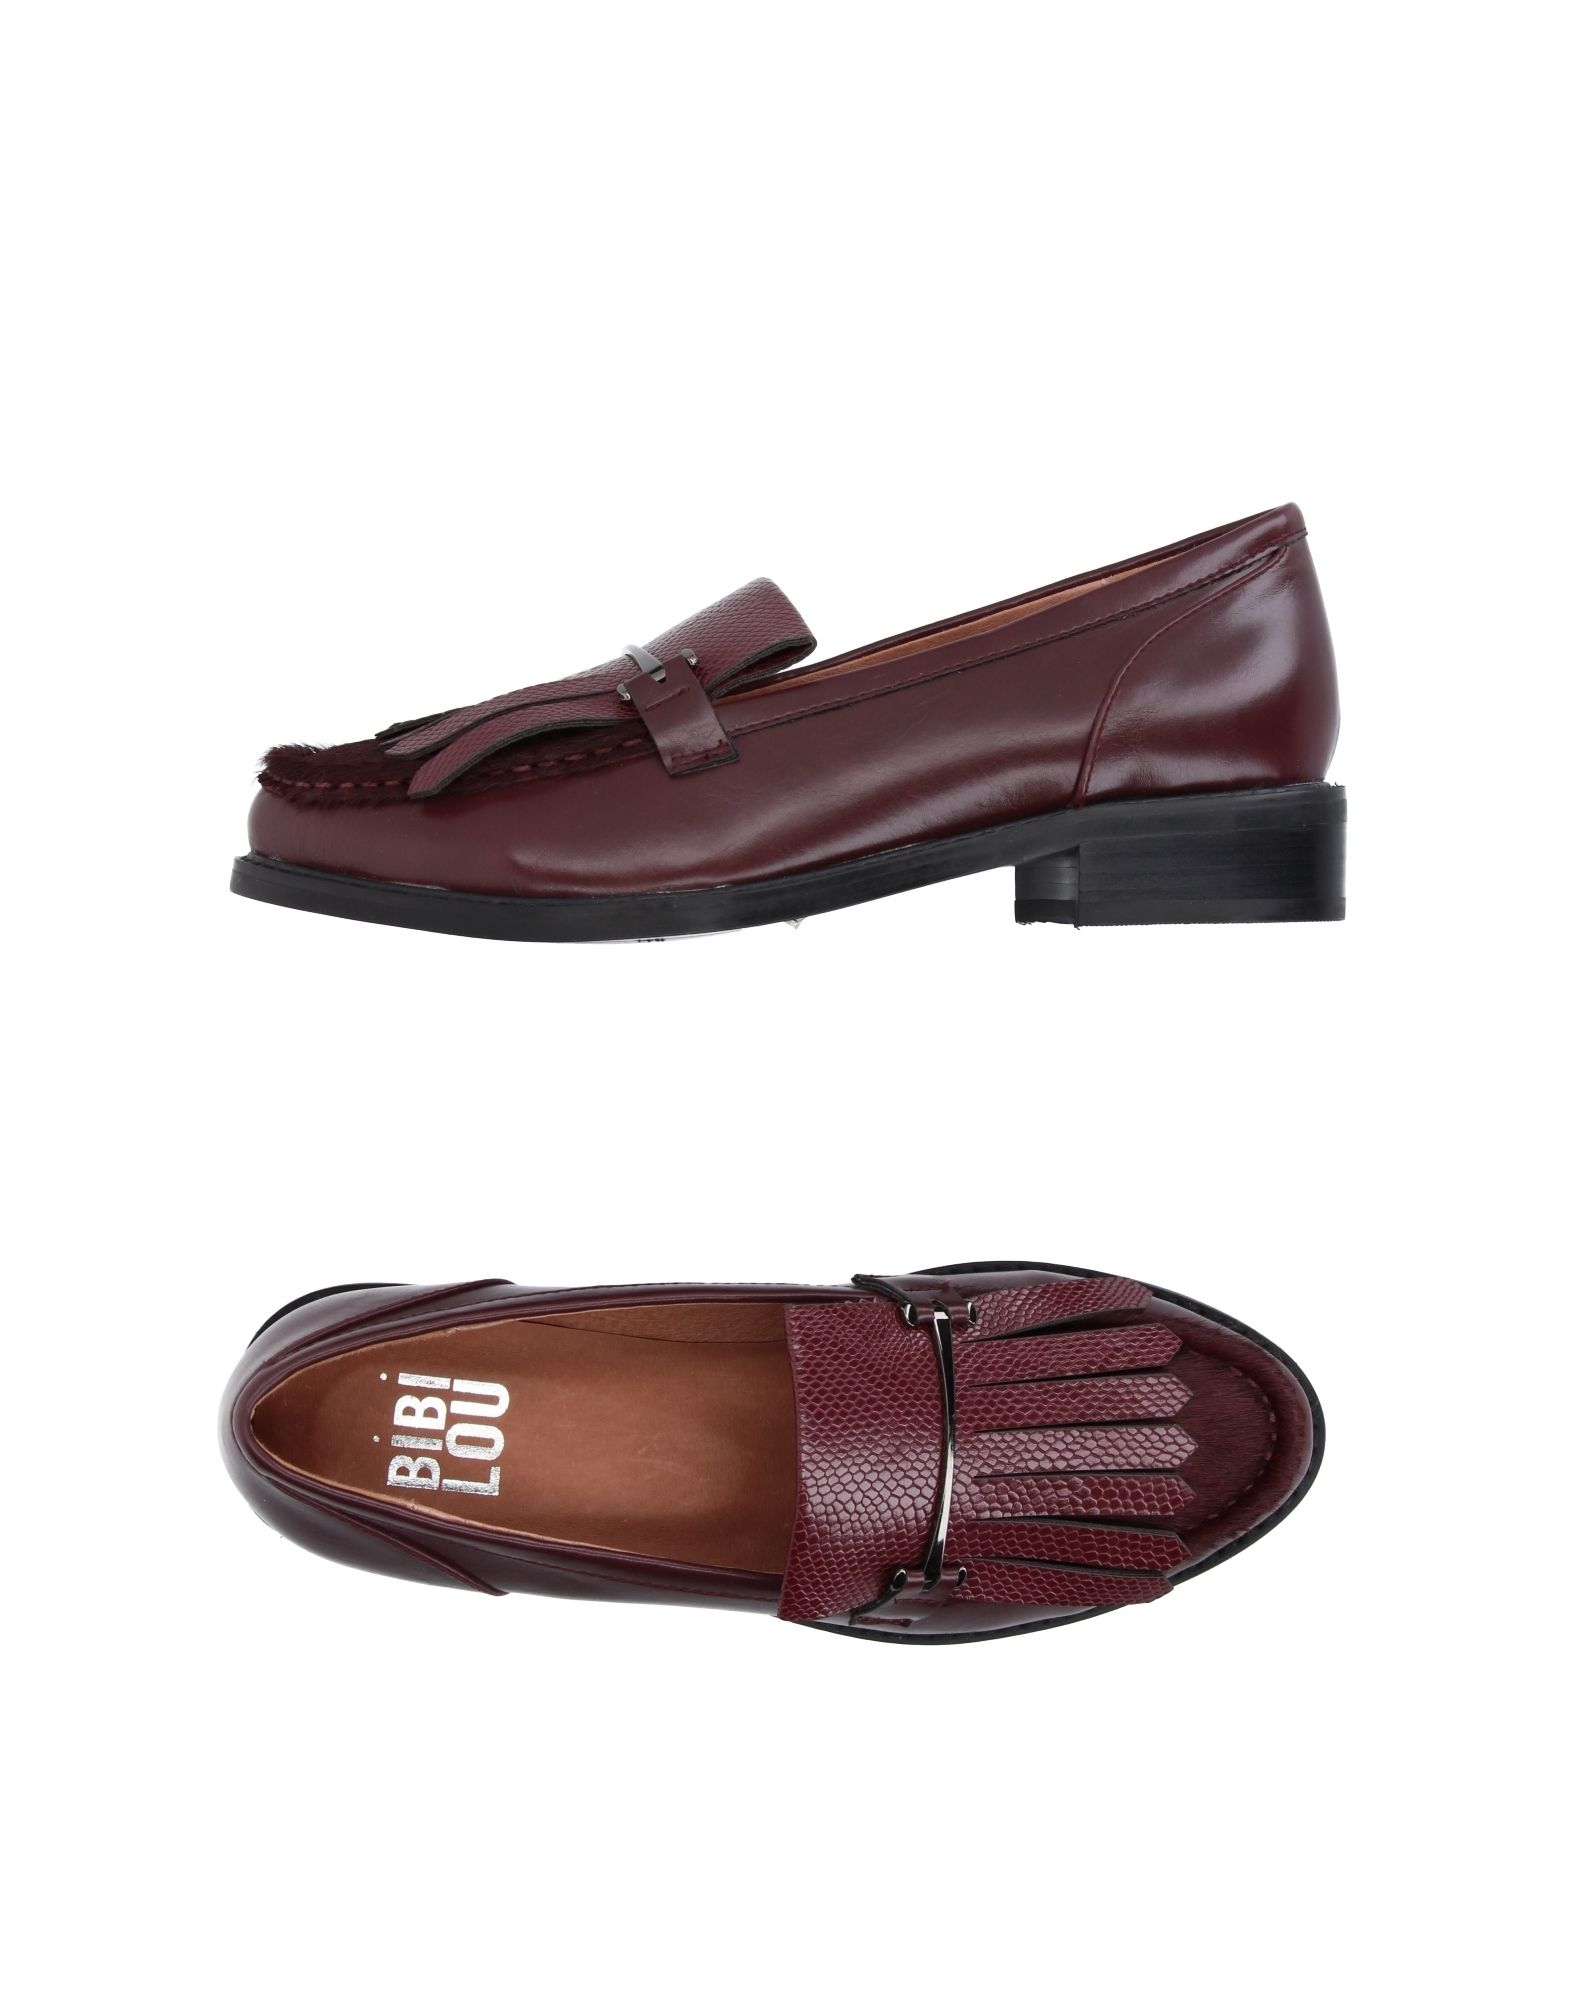 Bibi 11227365JG Lou Mokassins Damen  11227365JG Bibi Gute Qualität beliebte Schuhe 1e4b0b